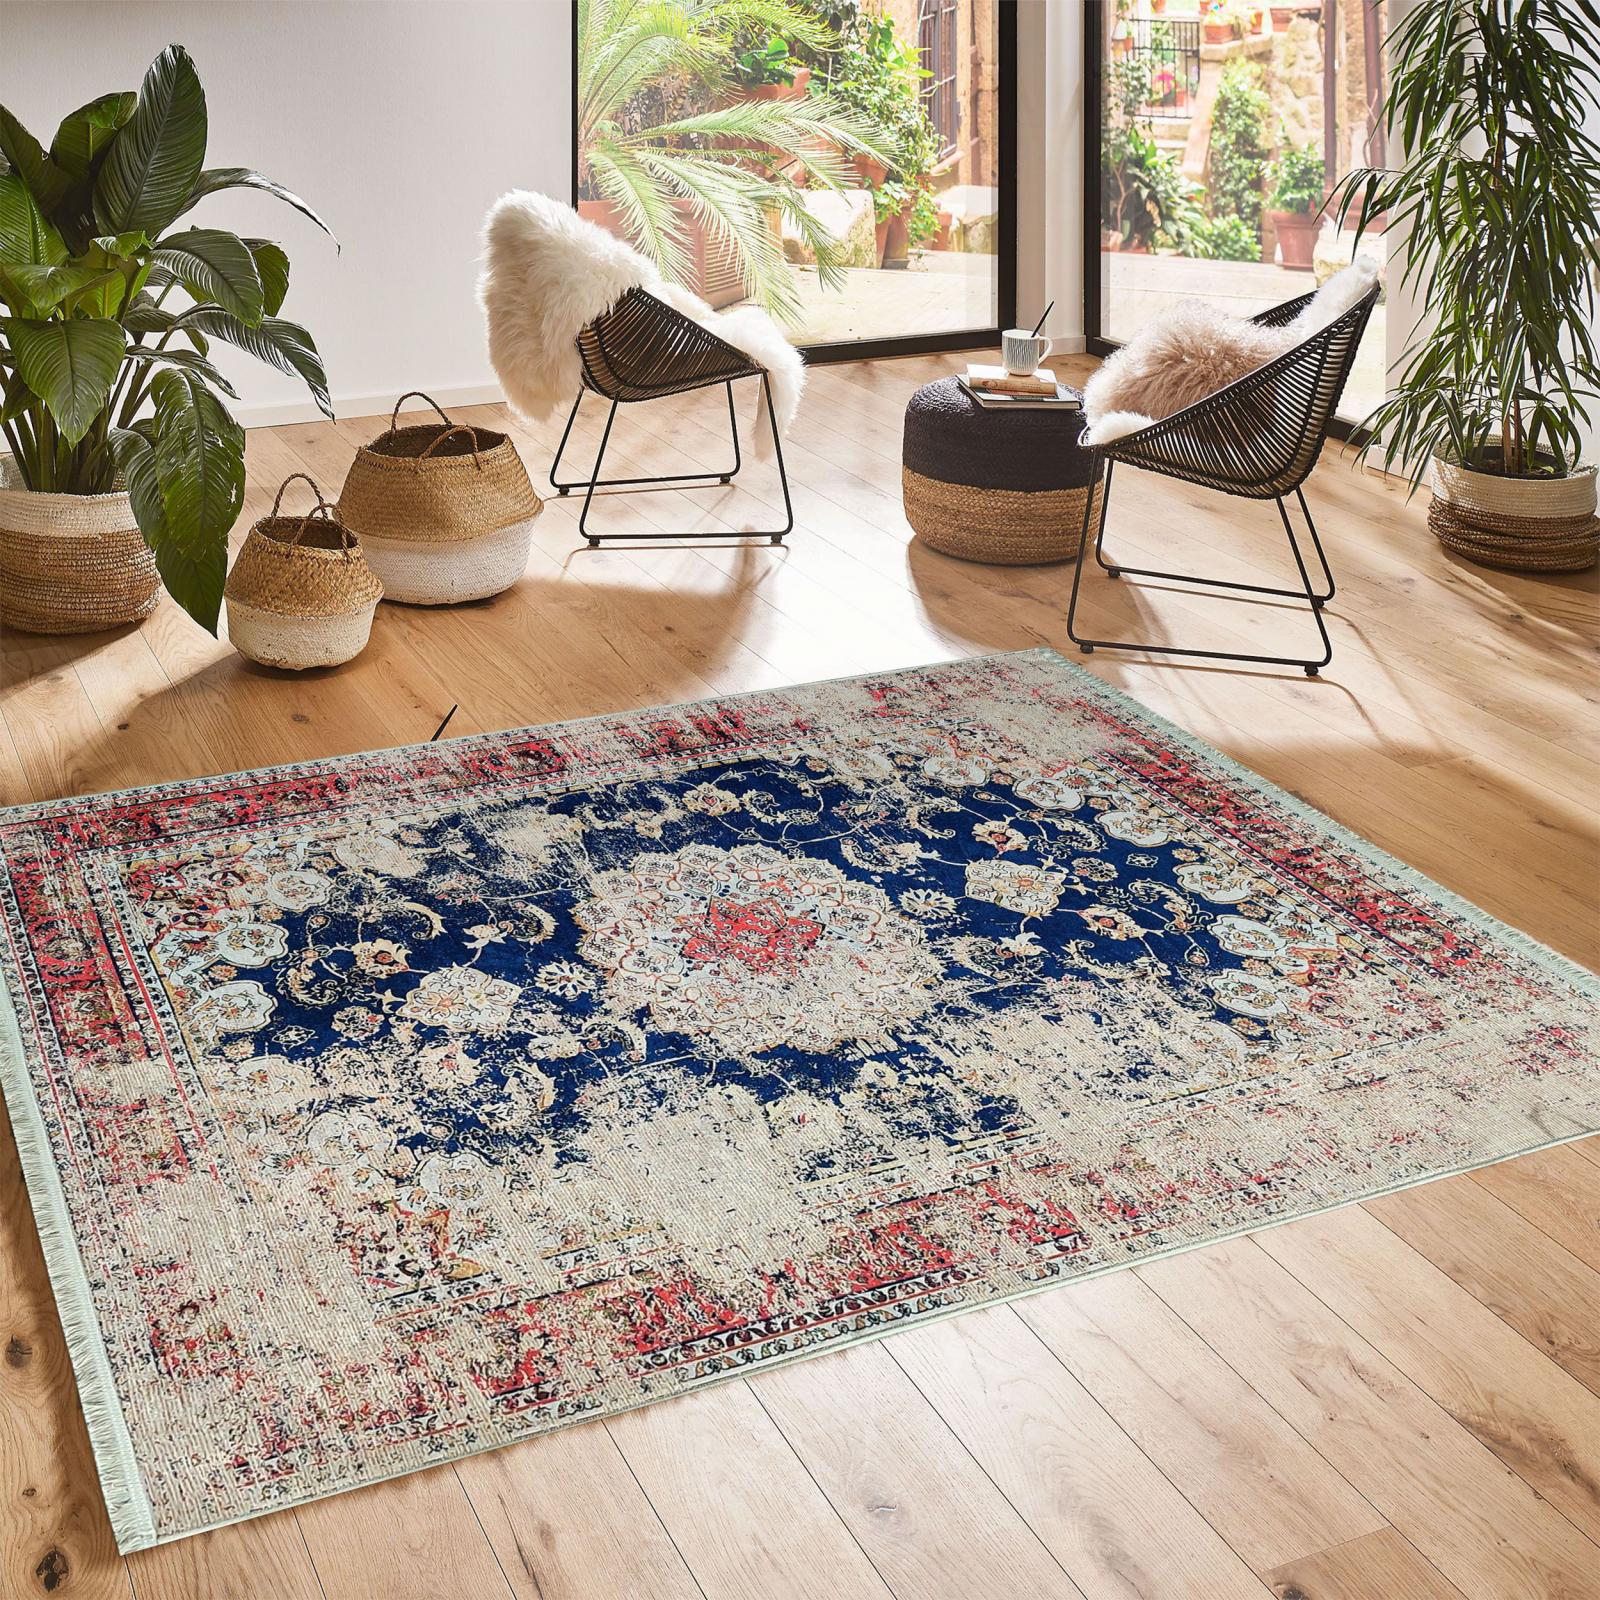 Karaca Home Vintage Cordelia Halı 160x230cm